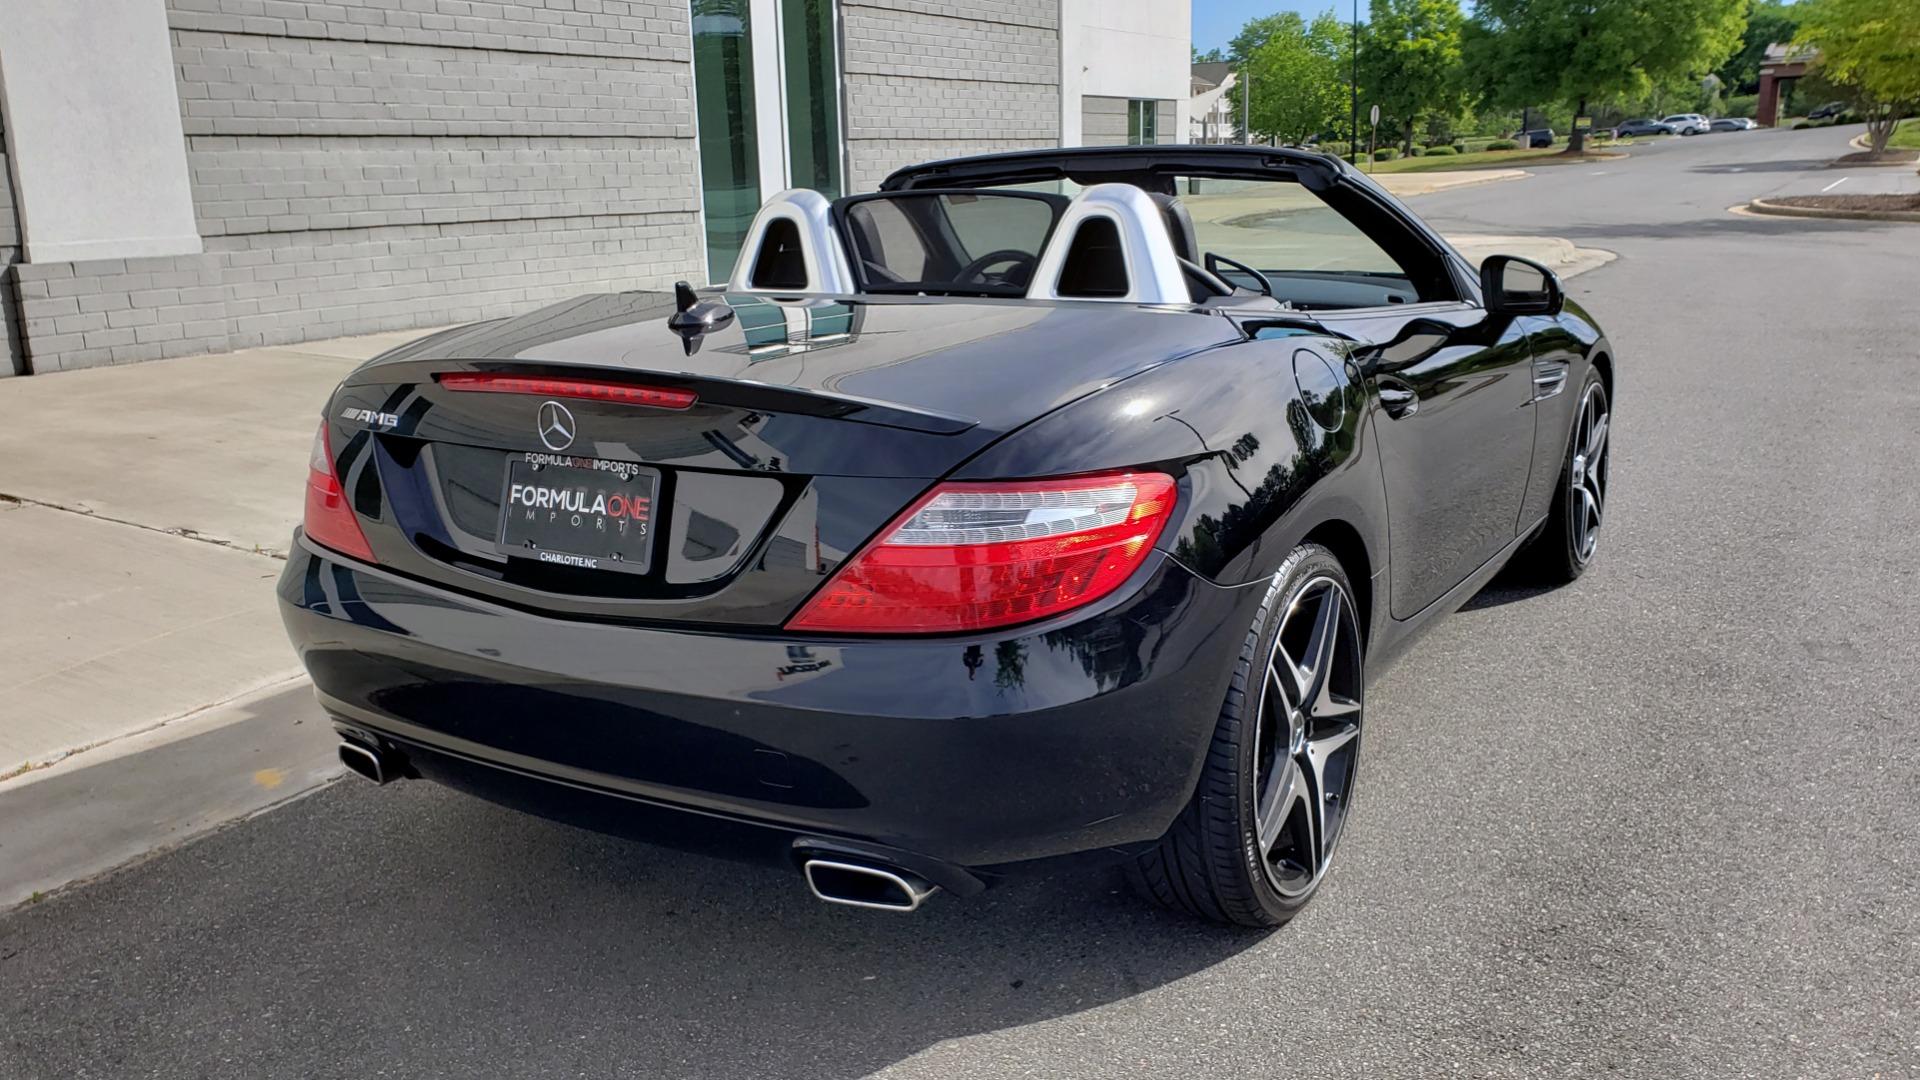 Used 2012 Mercedes-Benz SLK-CLASS SLK 250 ROADSTER / PREM 1 PKG / COMAND LAUNCH PKG / 7-SPD AUTO for sale $24,995 at Formula Imports in Charlotte NC 28227 9